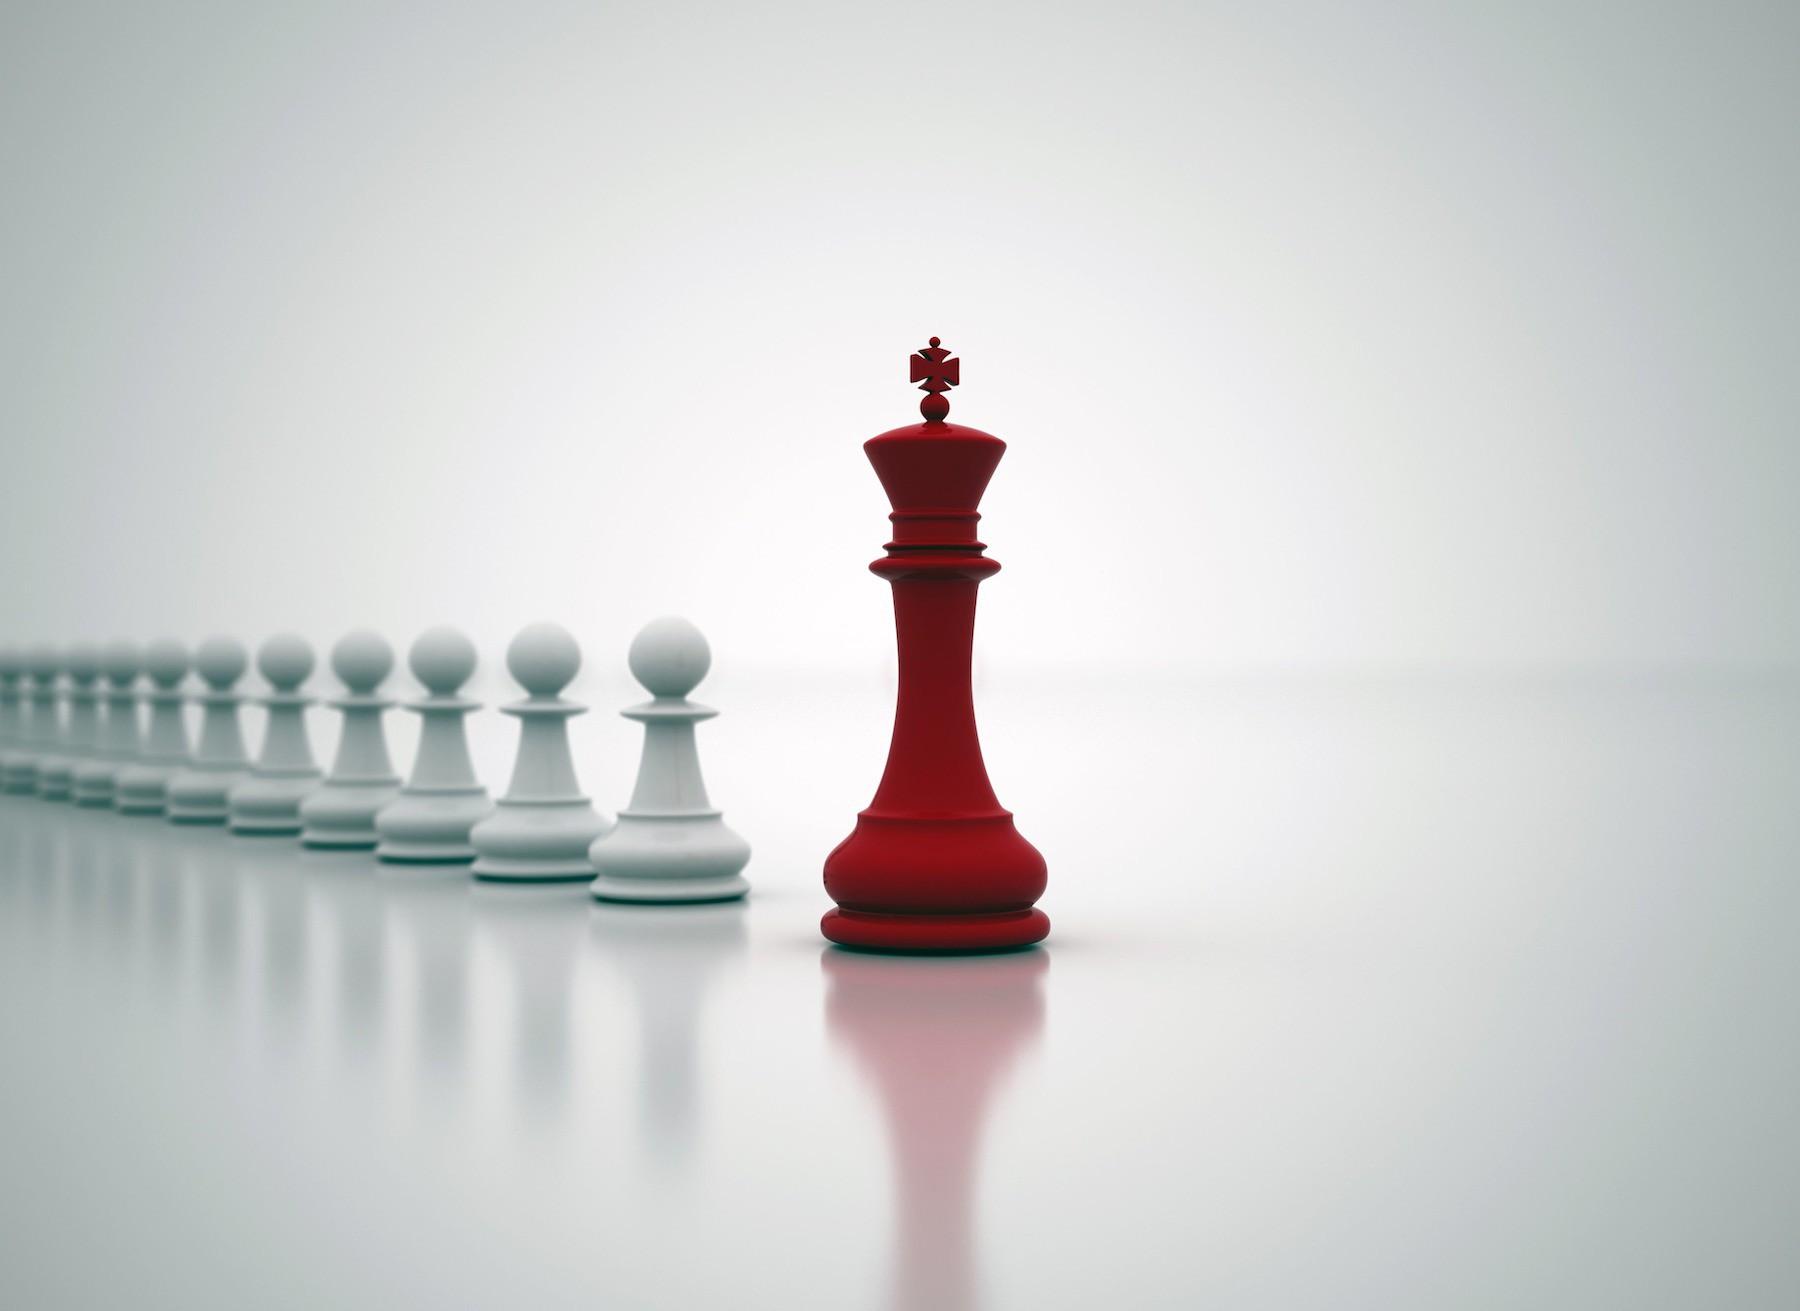 (VIDEO) Leiderschap - hoe pak je dat aan in een KMO/MKB?